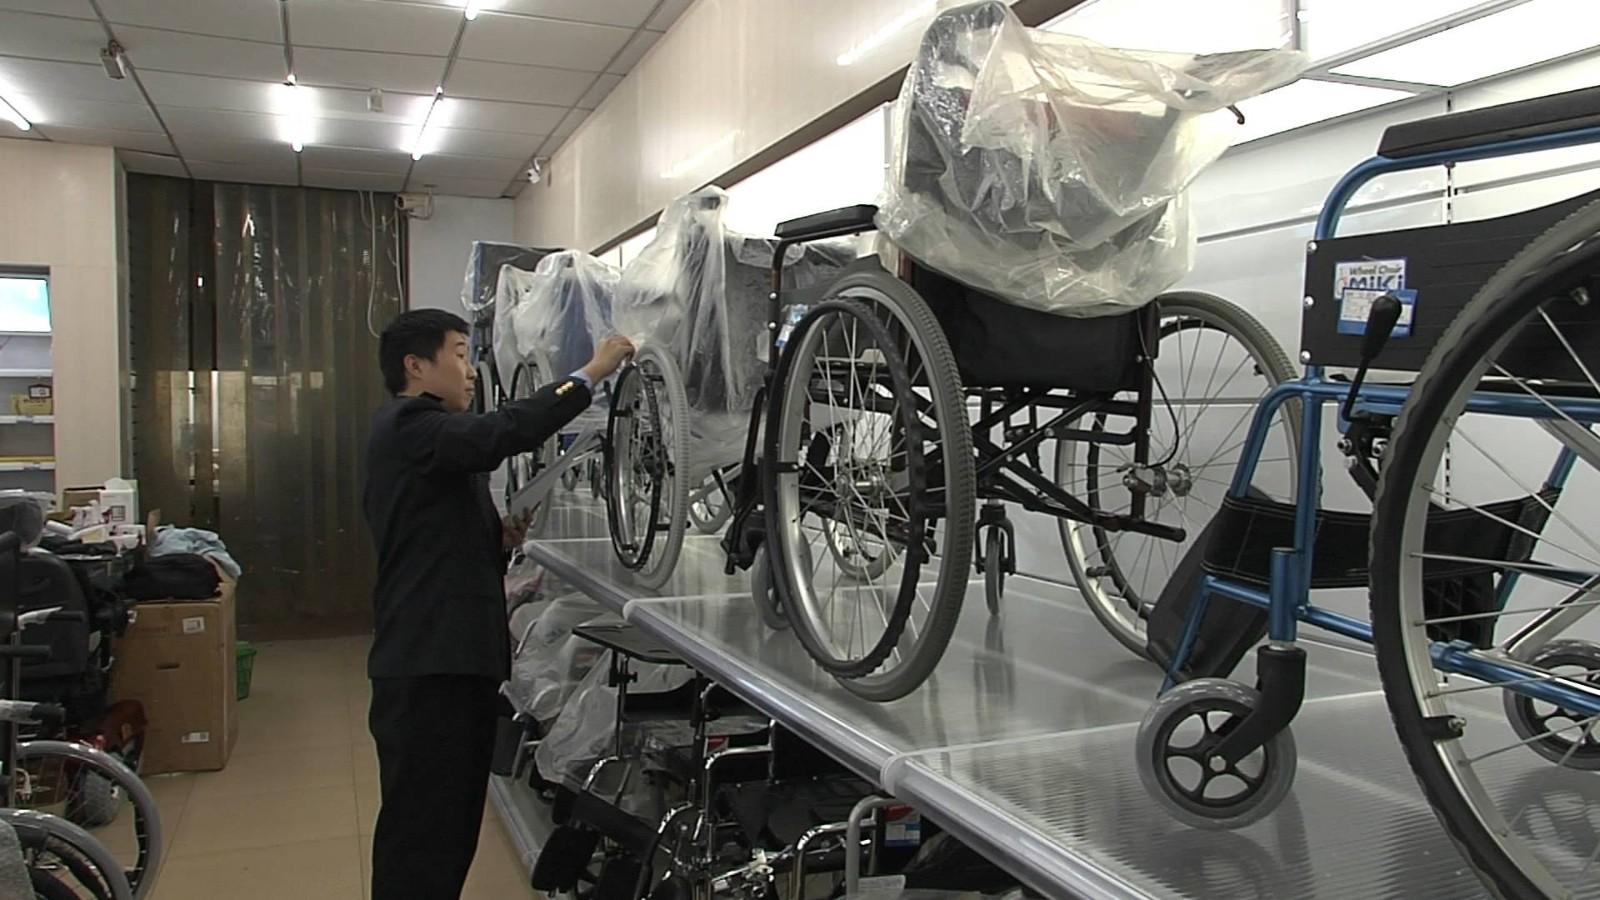 山东试点医疗器械注册人制度 你的实力允许注册申请吗?